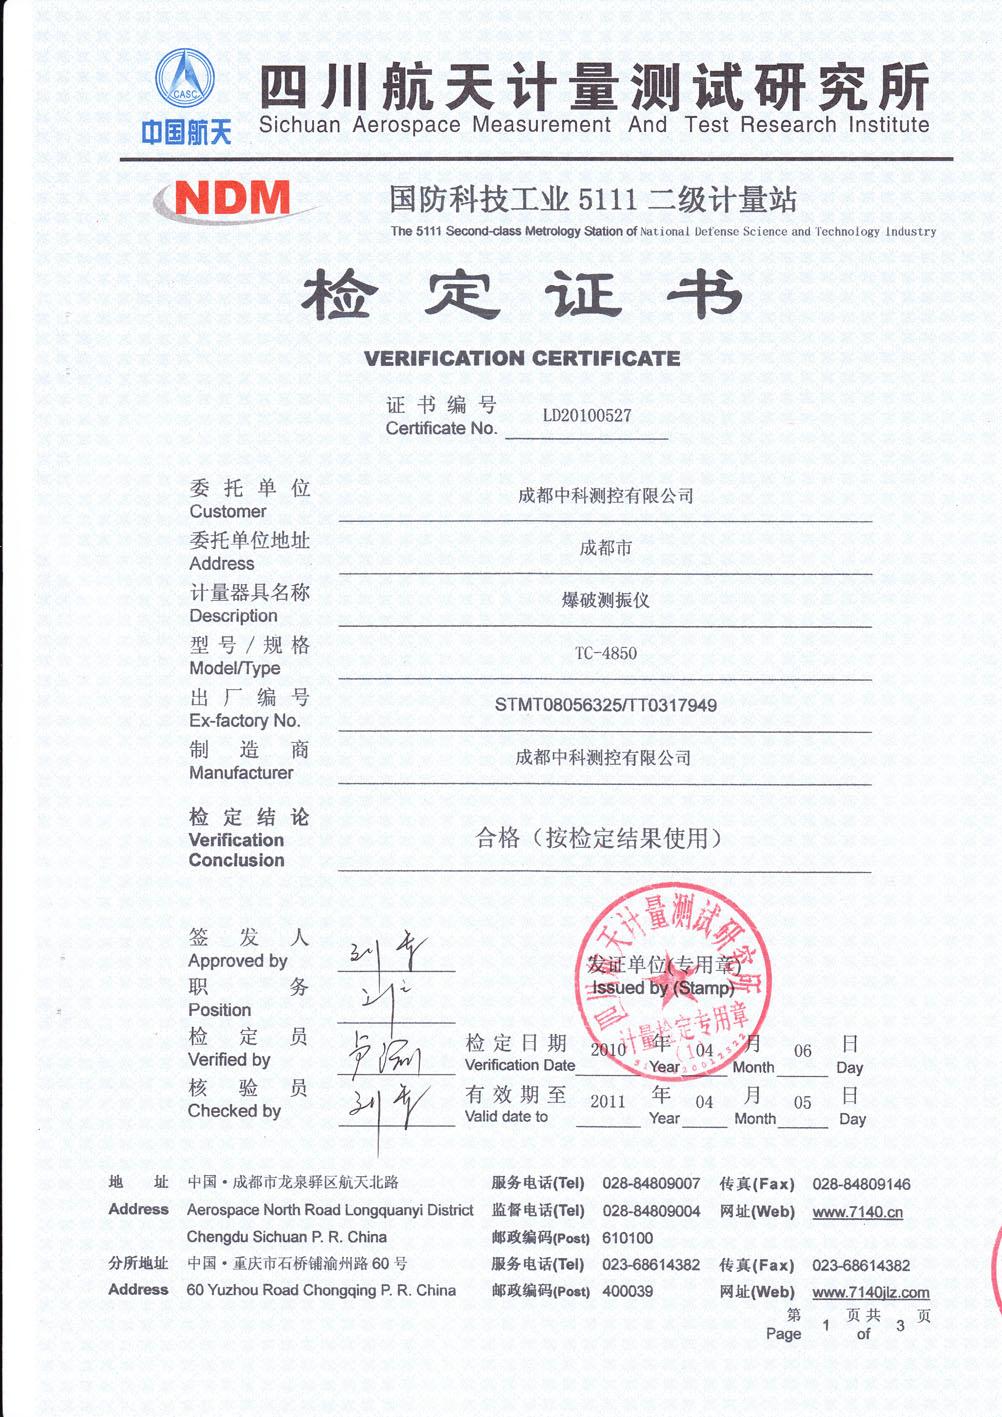 航天计量测试研究所检定证书